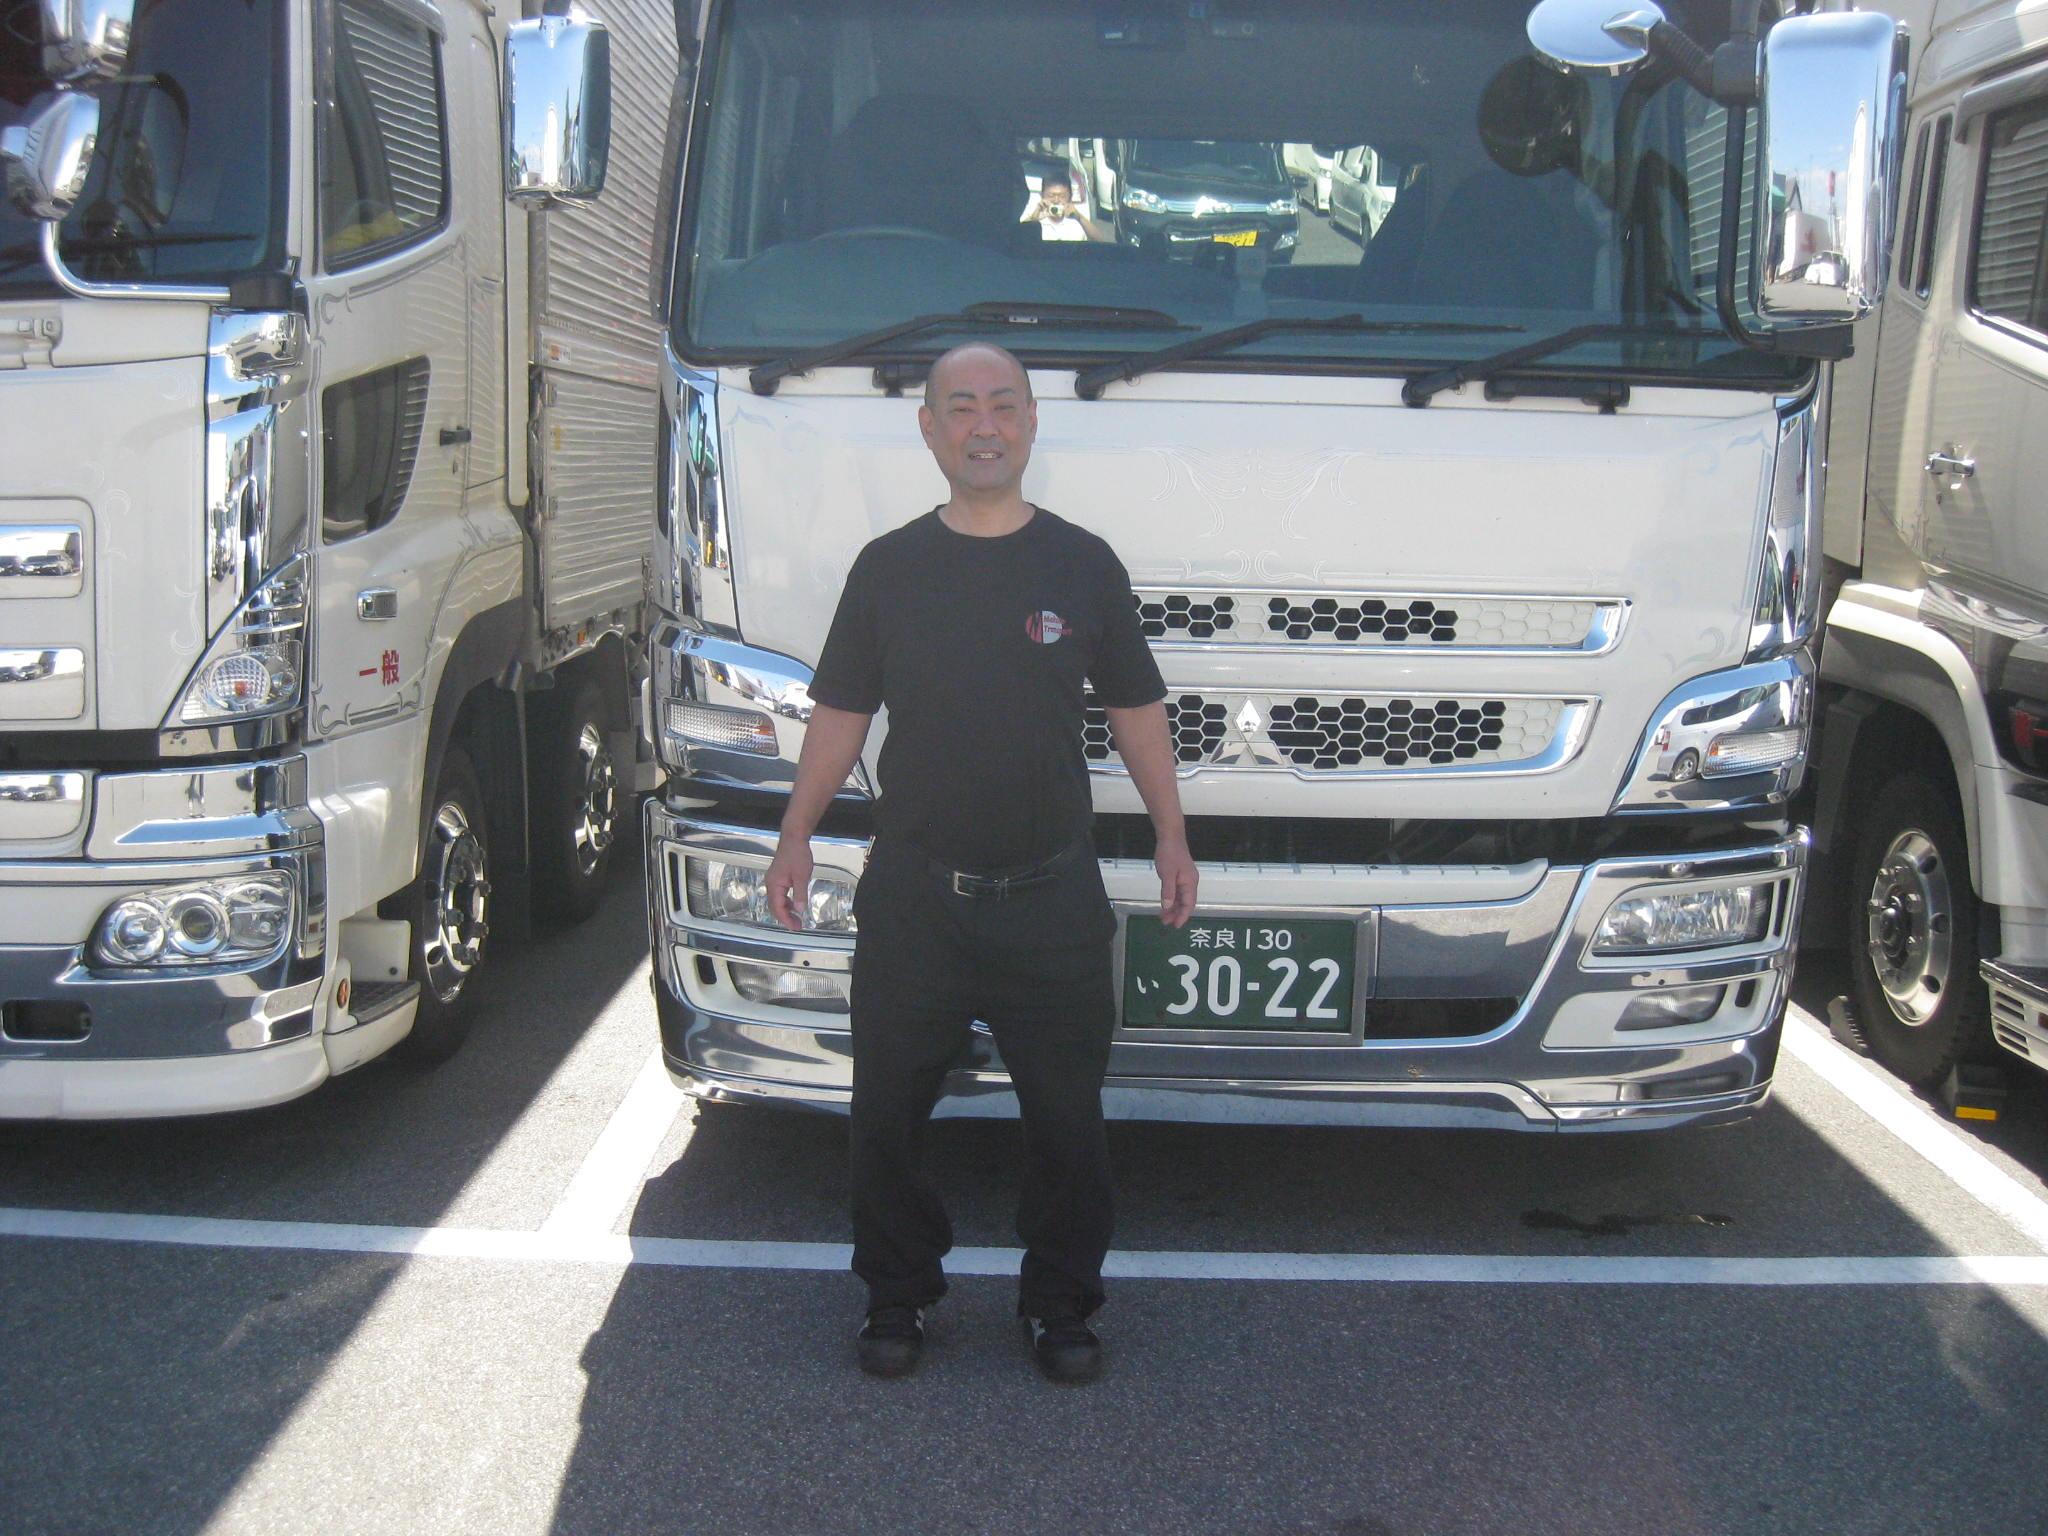 10tドライバー|トラックマンジ...